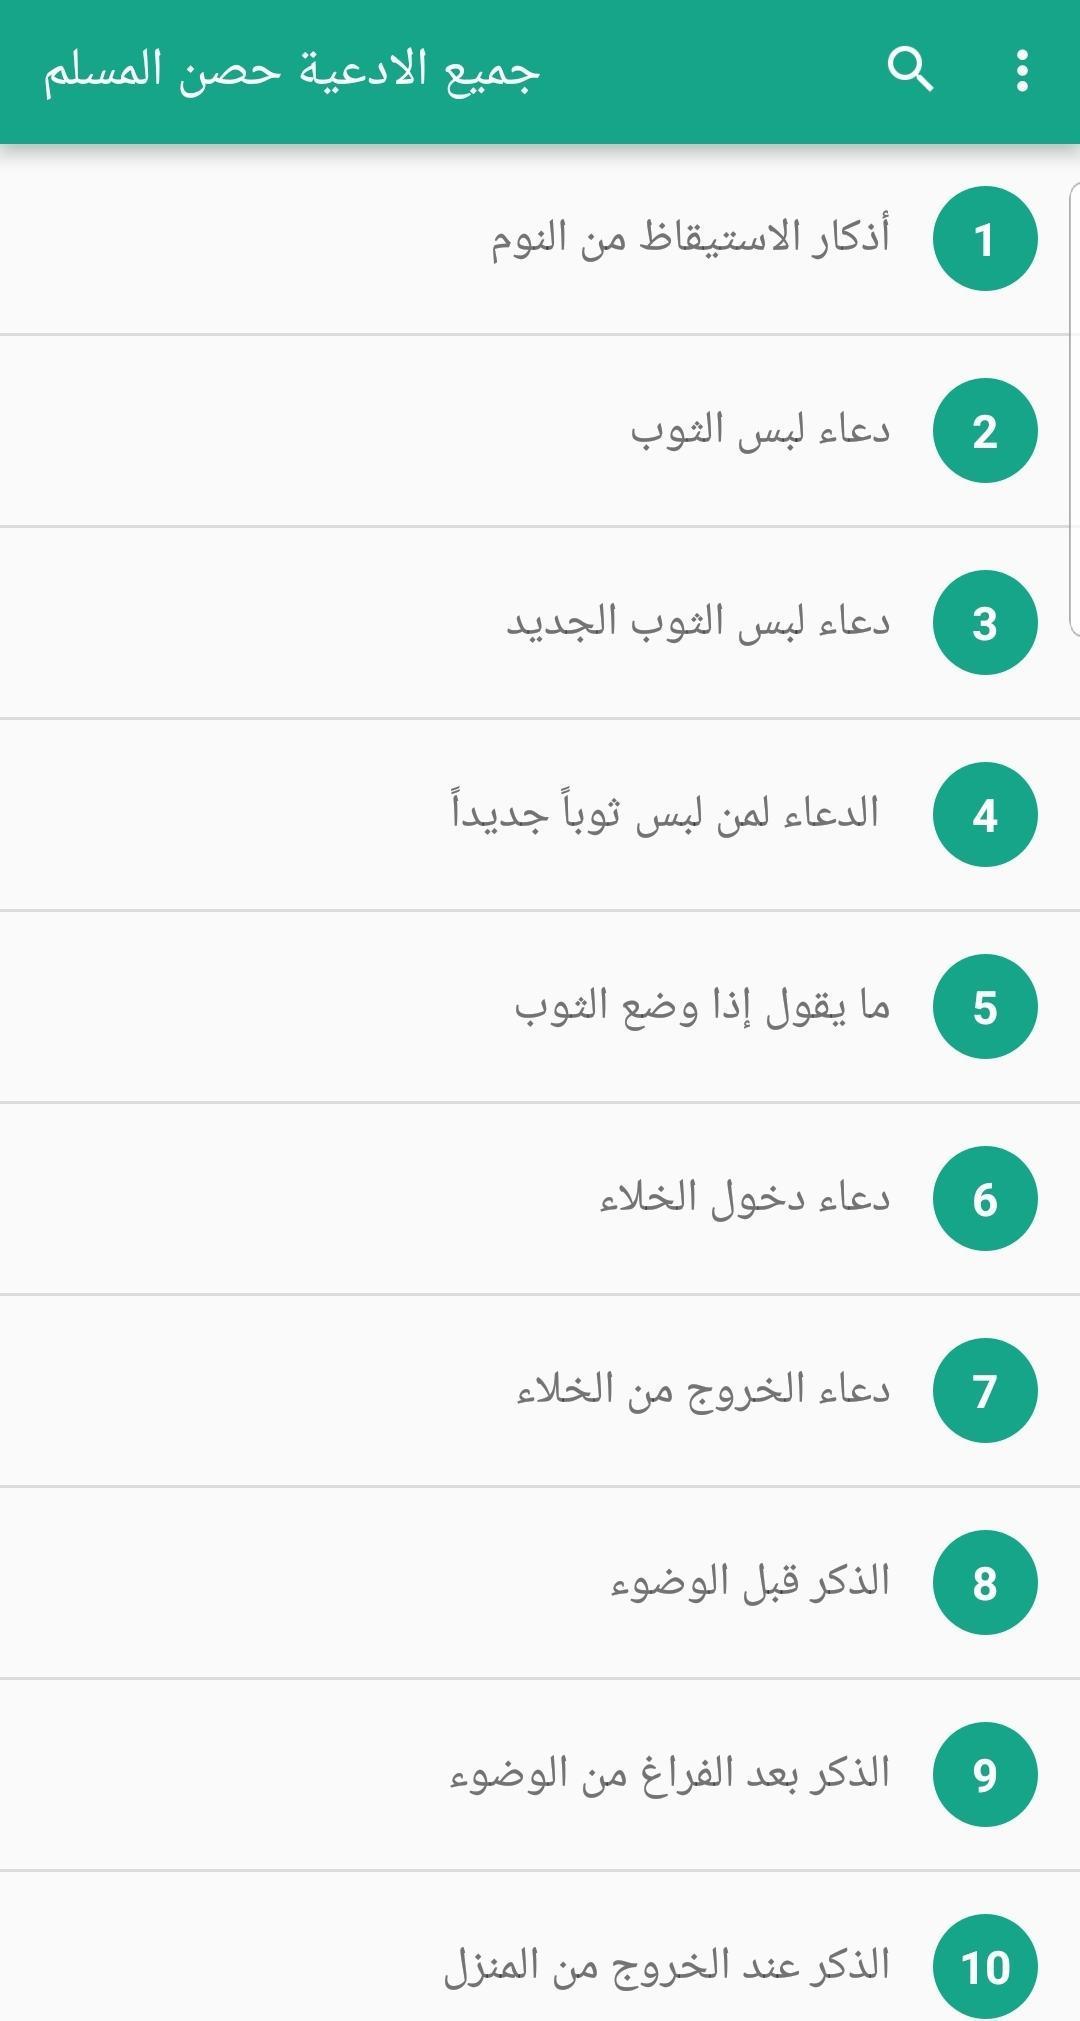 جميع الادعية حصن المسلم For Android Apk Download